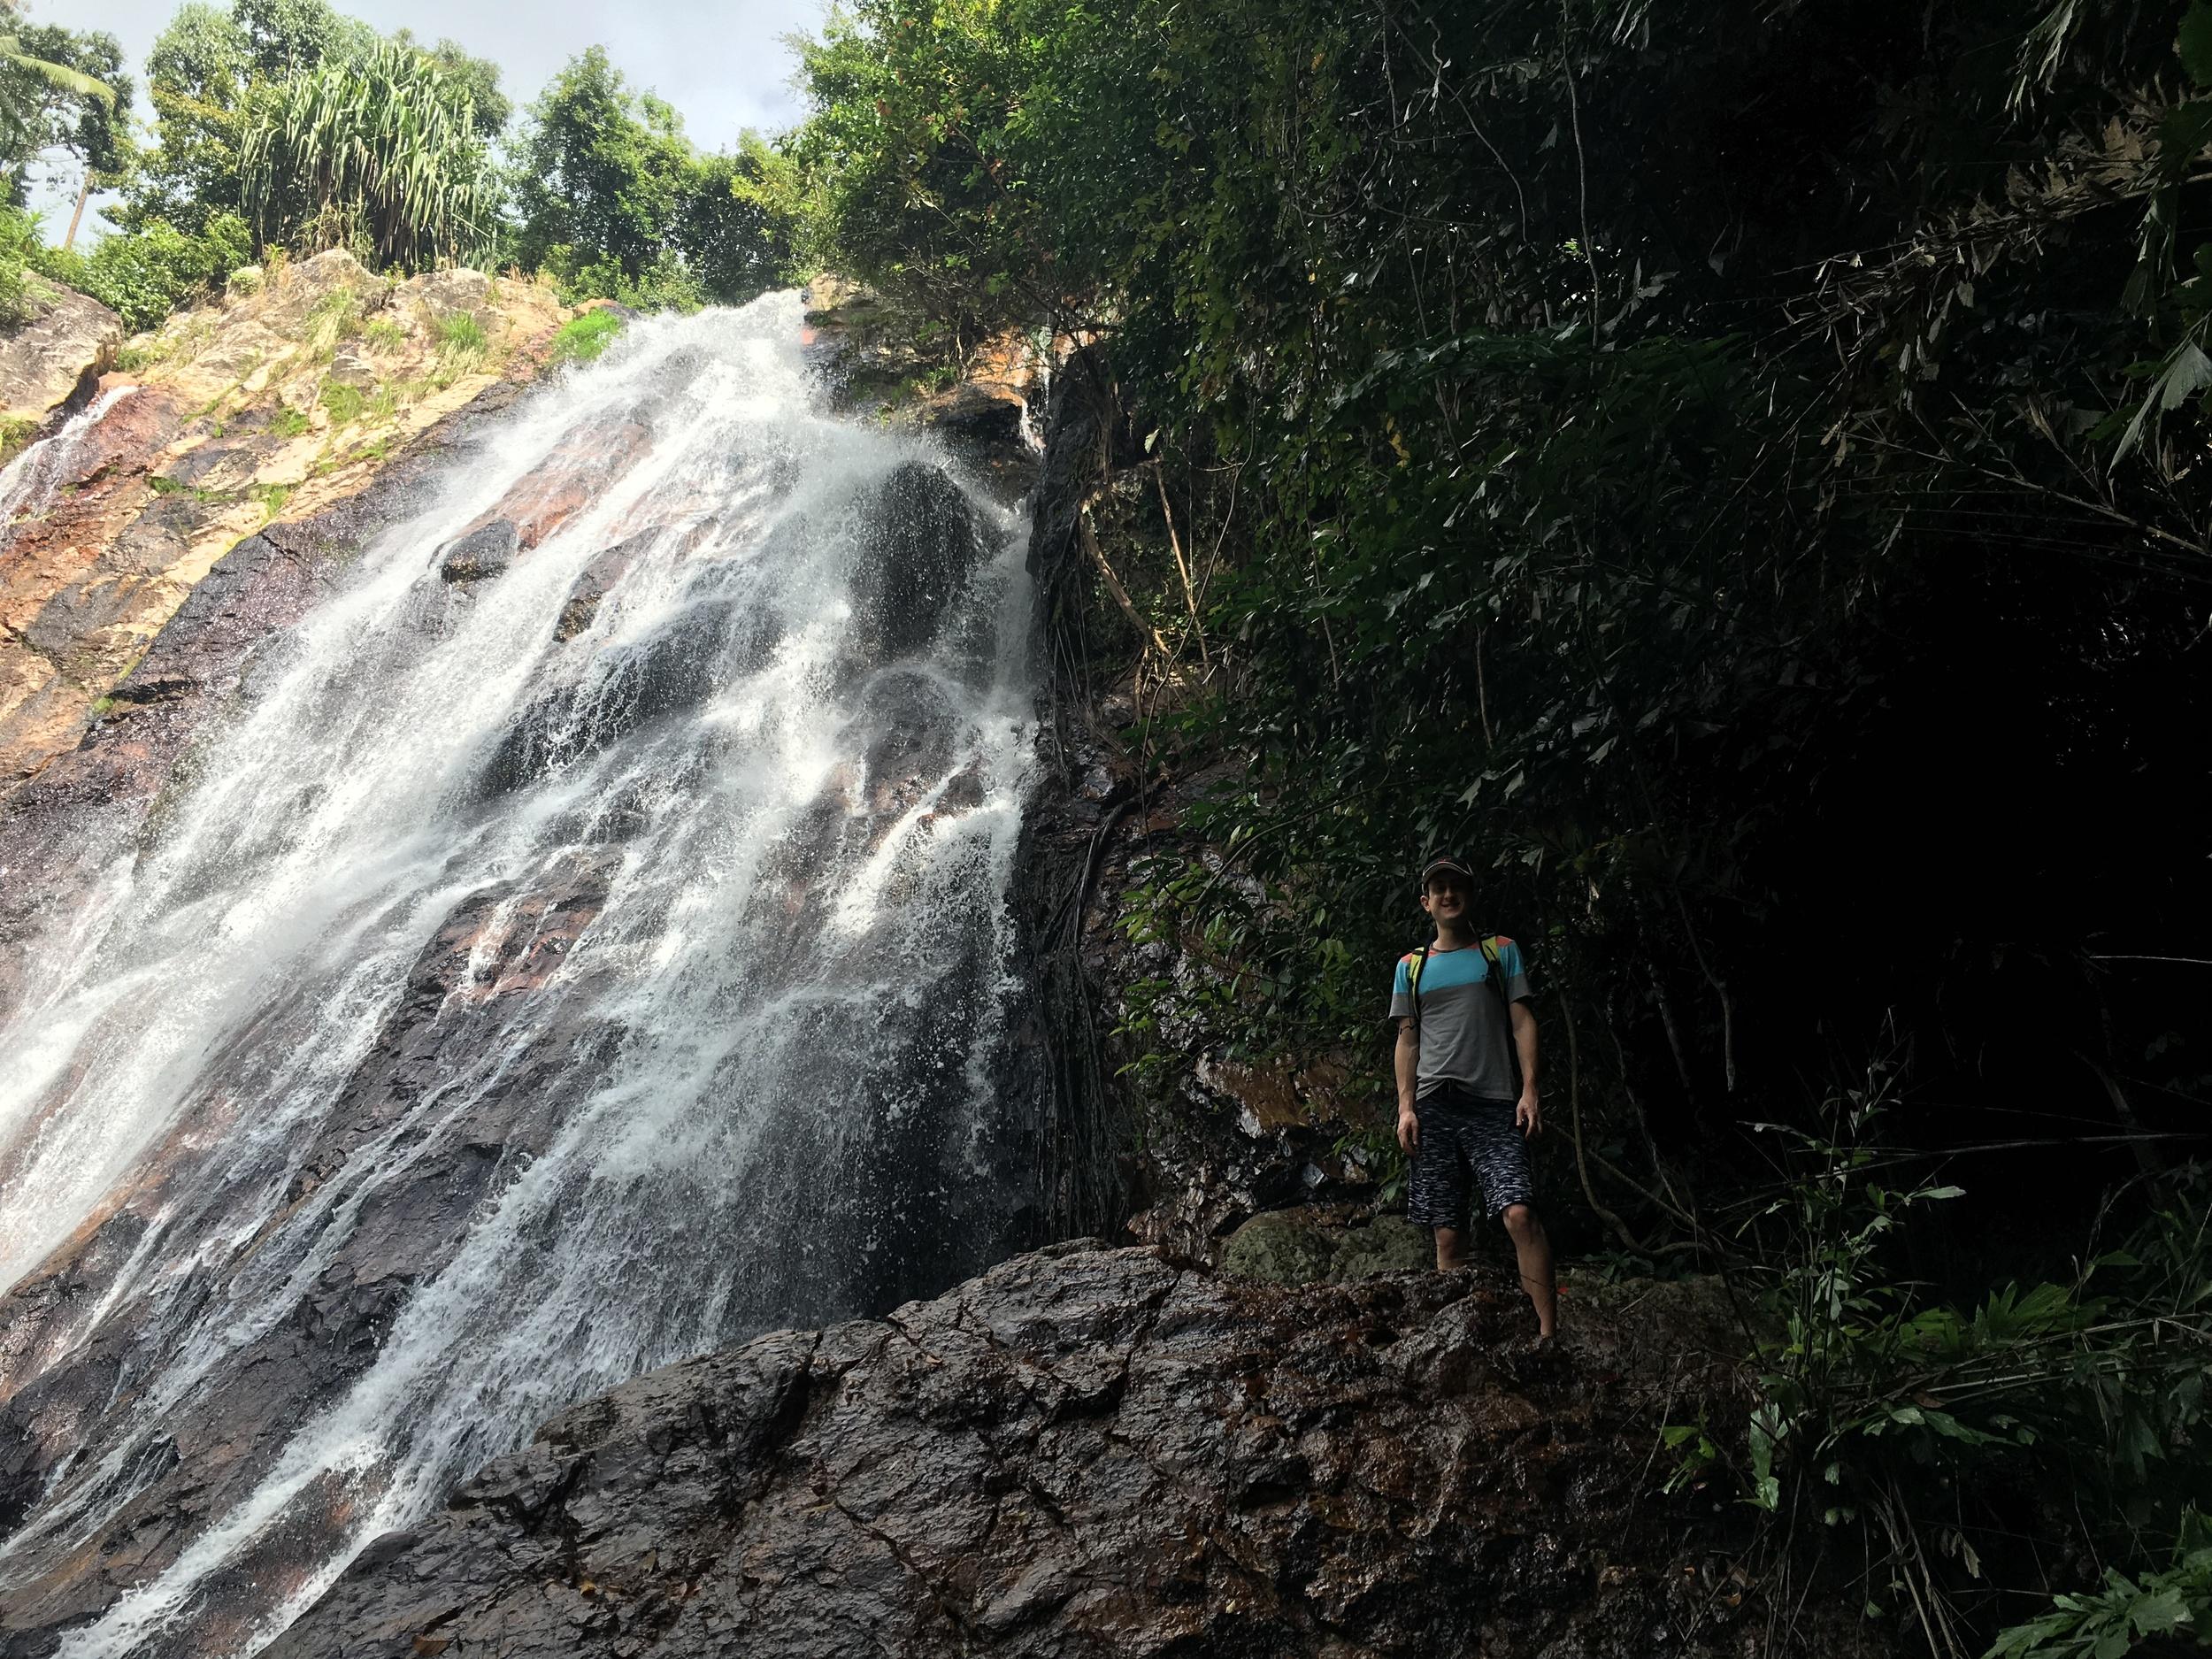 Scott and waterfall